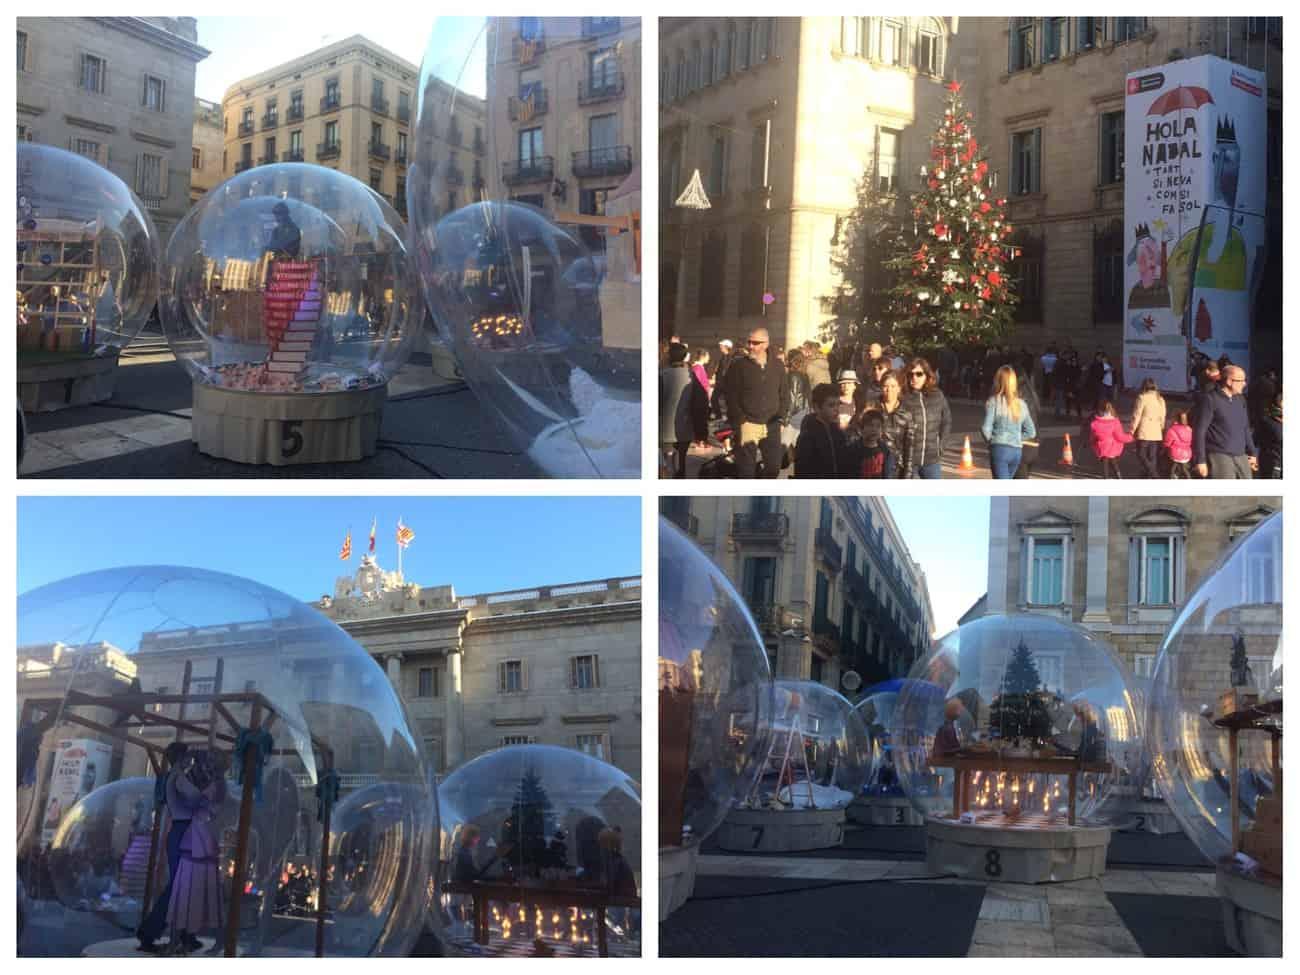 Barcelona Christmas - Placa de Sant Jaume